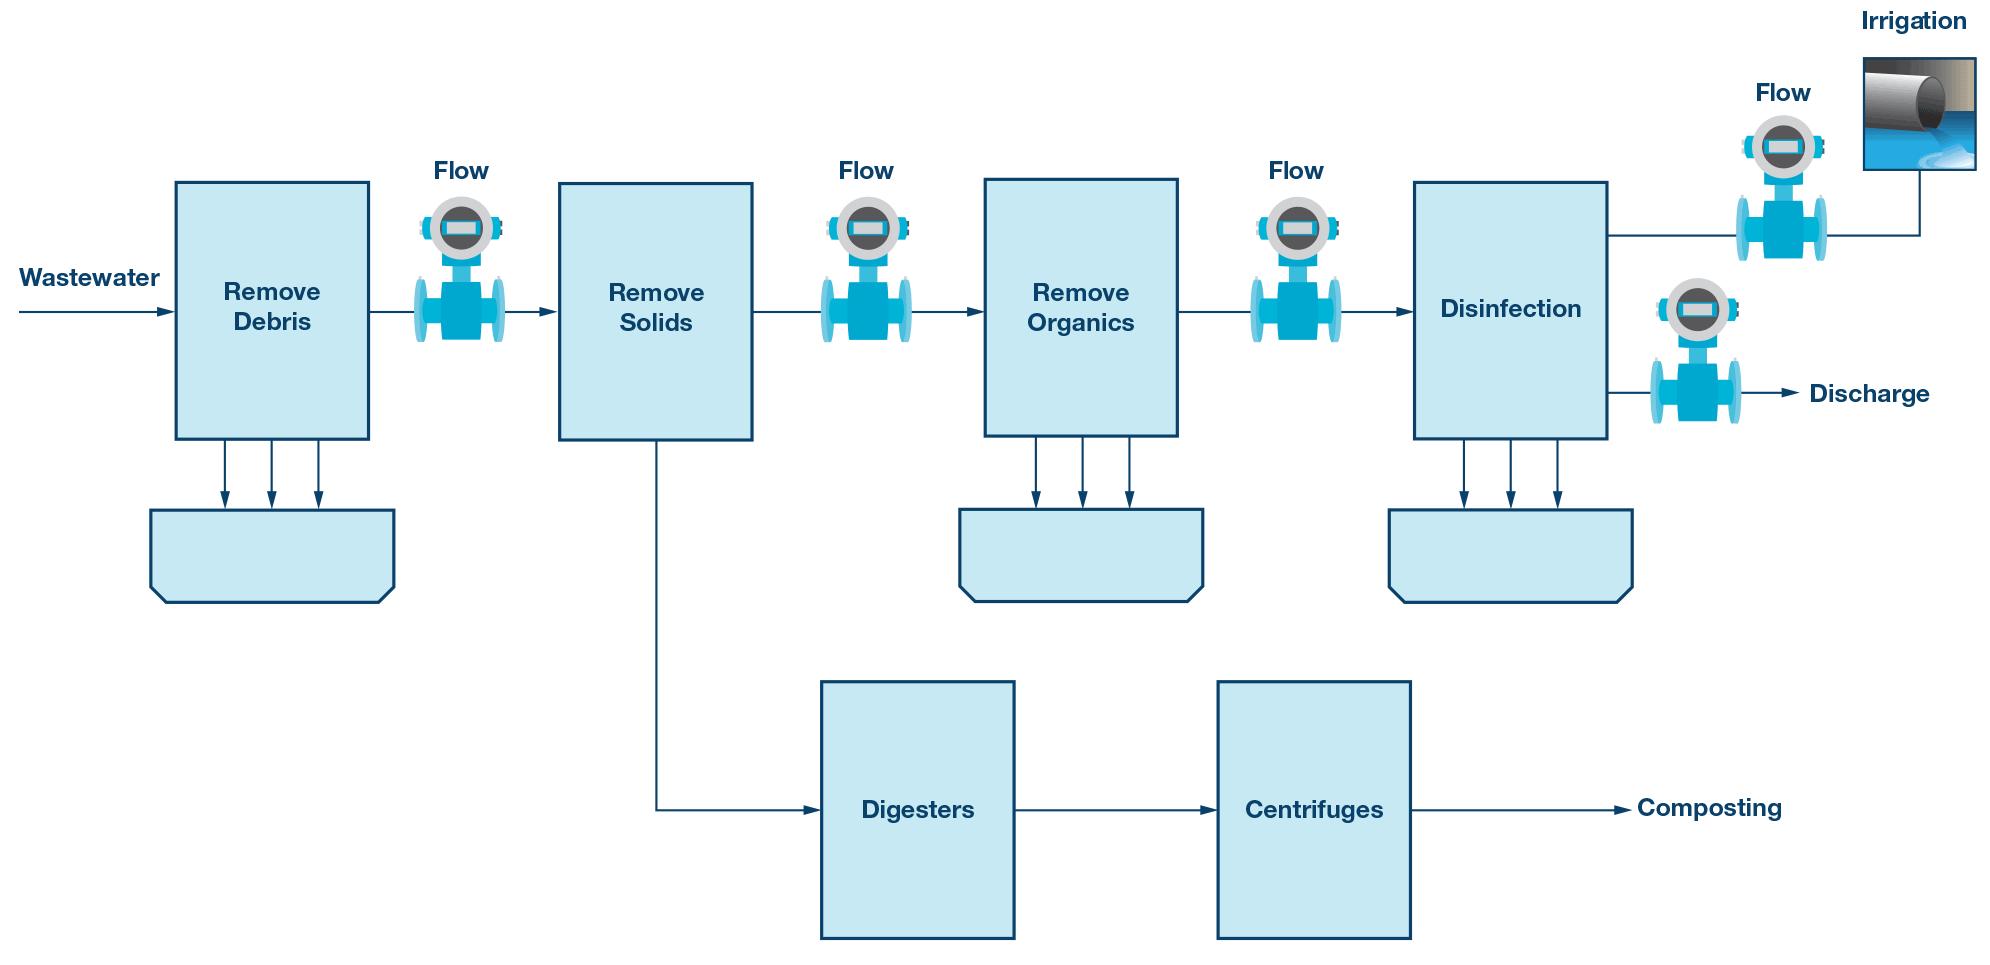 mag ic flow meter wiring diagram wiring diagram schemes ct meter wiring diagram electromagnetic flow meters [ 1990 x 965 Pixel ]